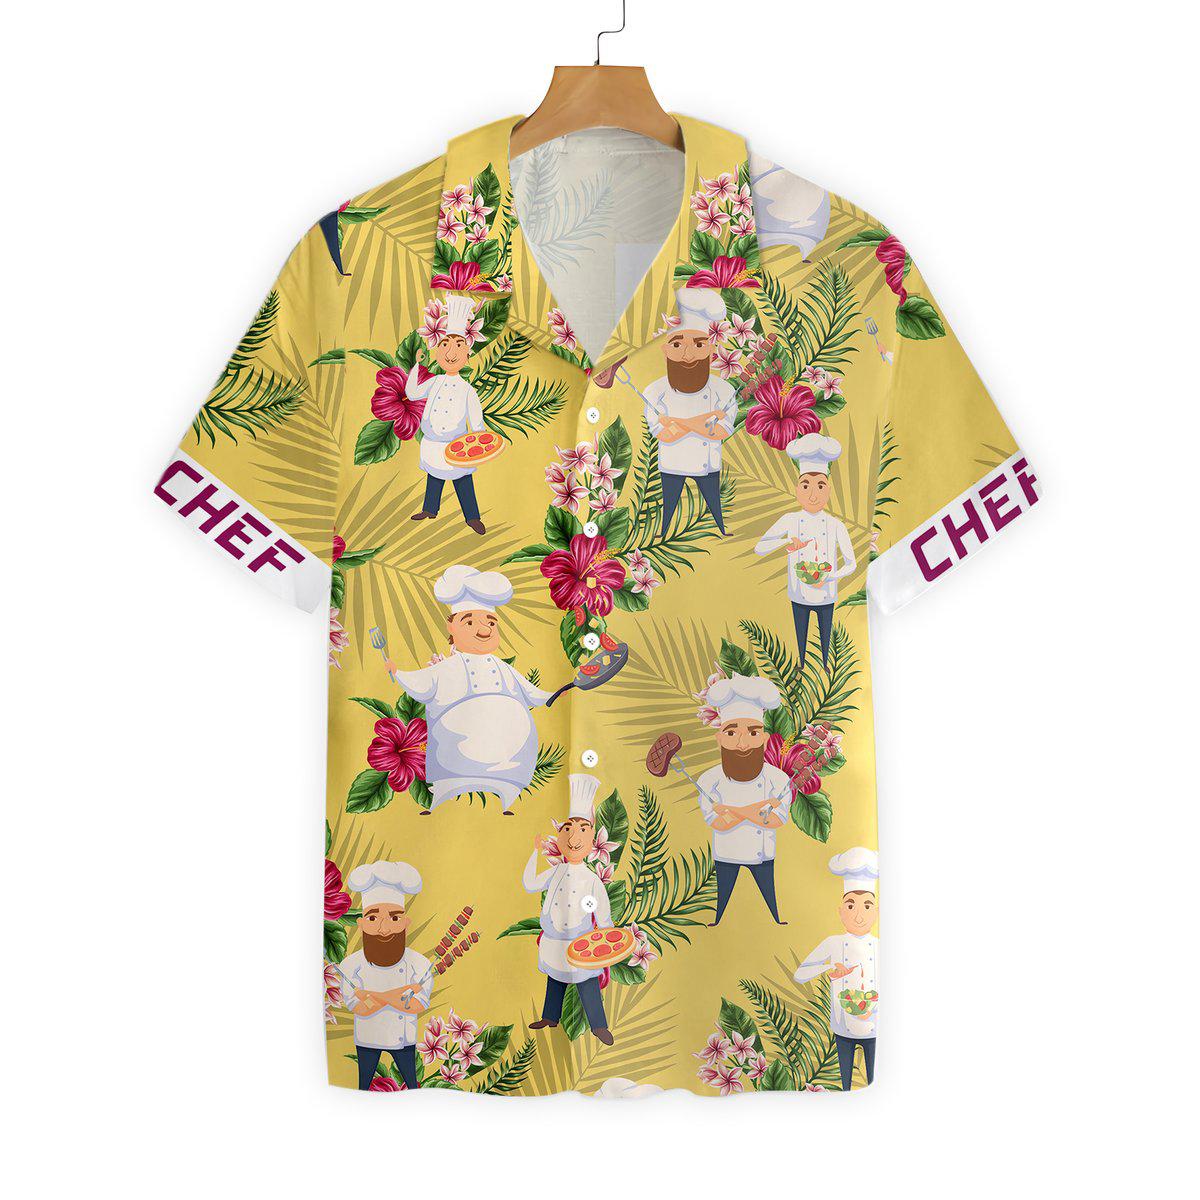 Chef Hawaiian Shirt2